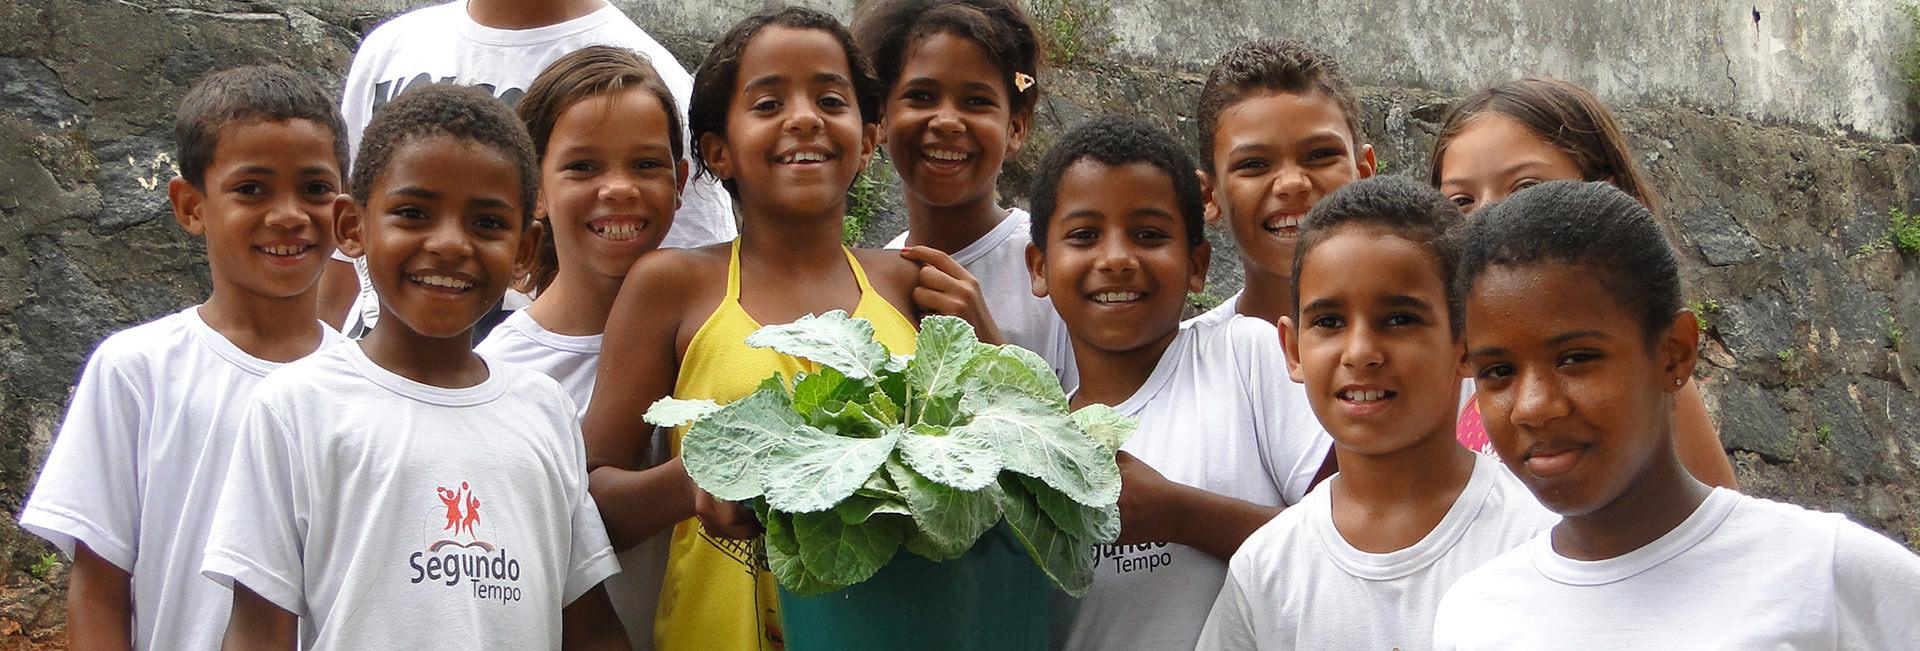 Promover o desenvolvimento saudável de crianças por meio da educação em saúde, capacitação de parceiros e articulação de redes locais.